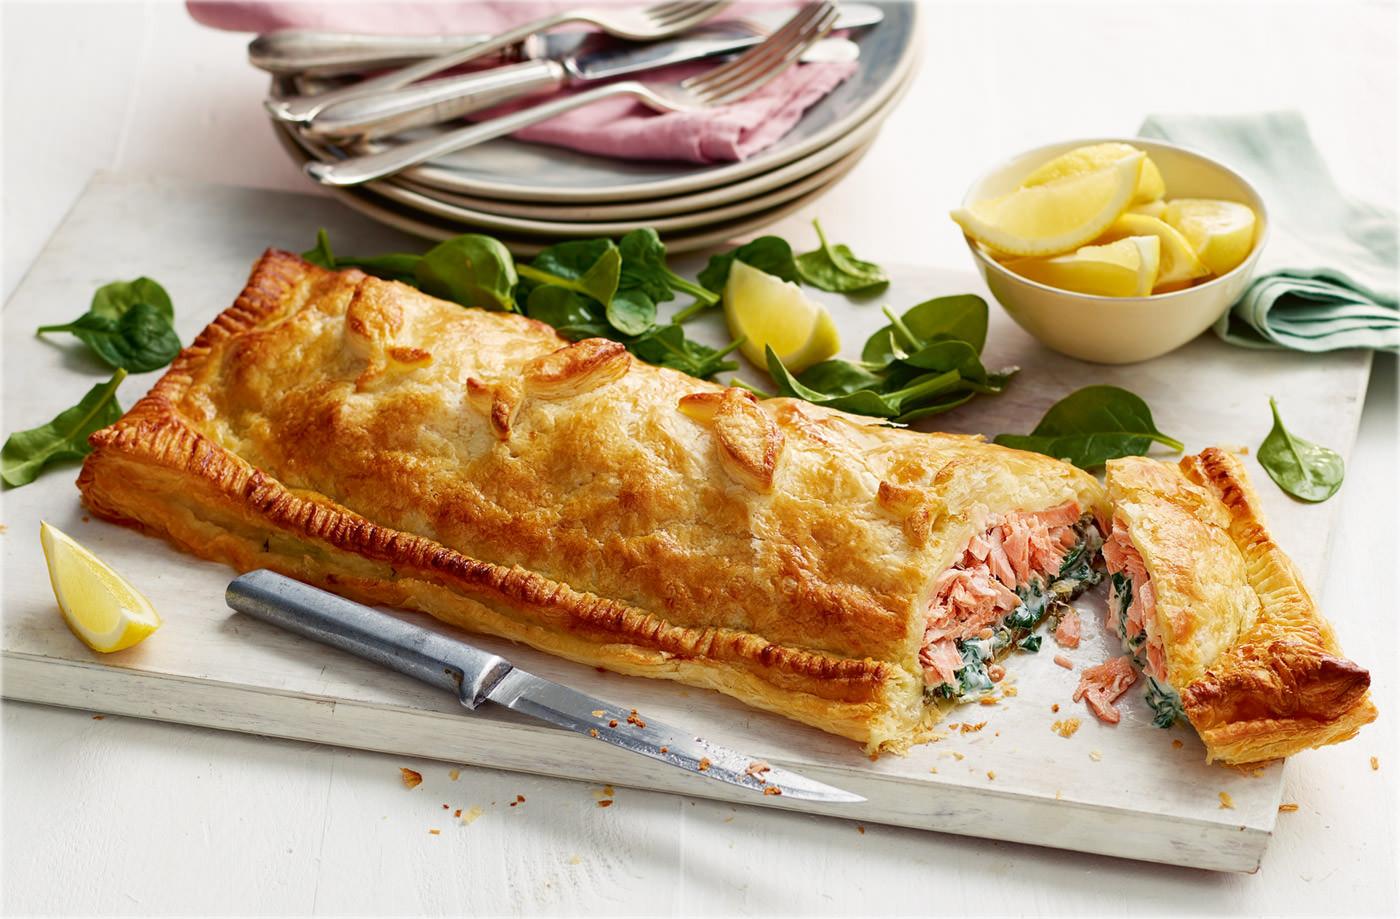 Salmon For Easter Dinner  Frank s Accidental Easter Salmon Recipe